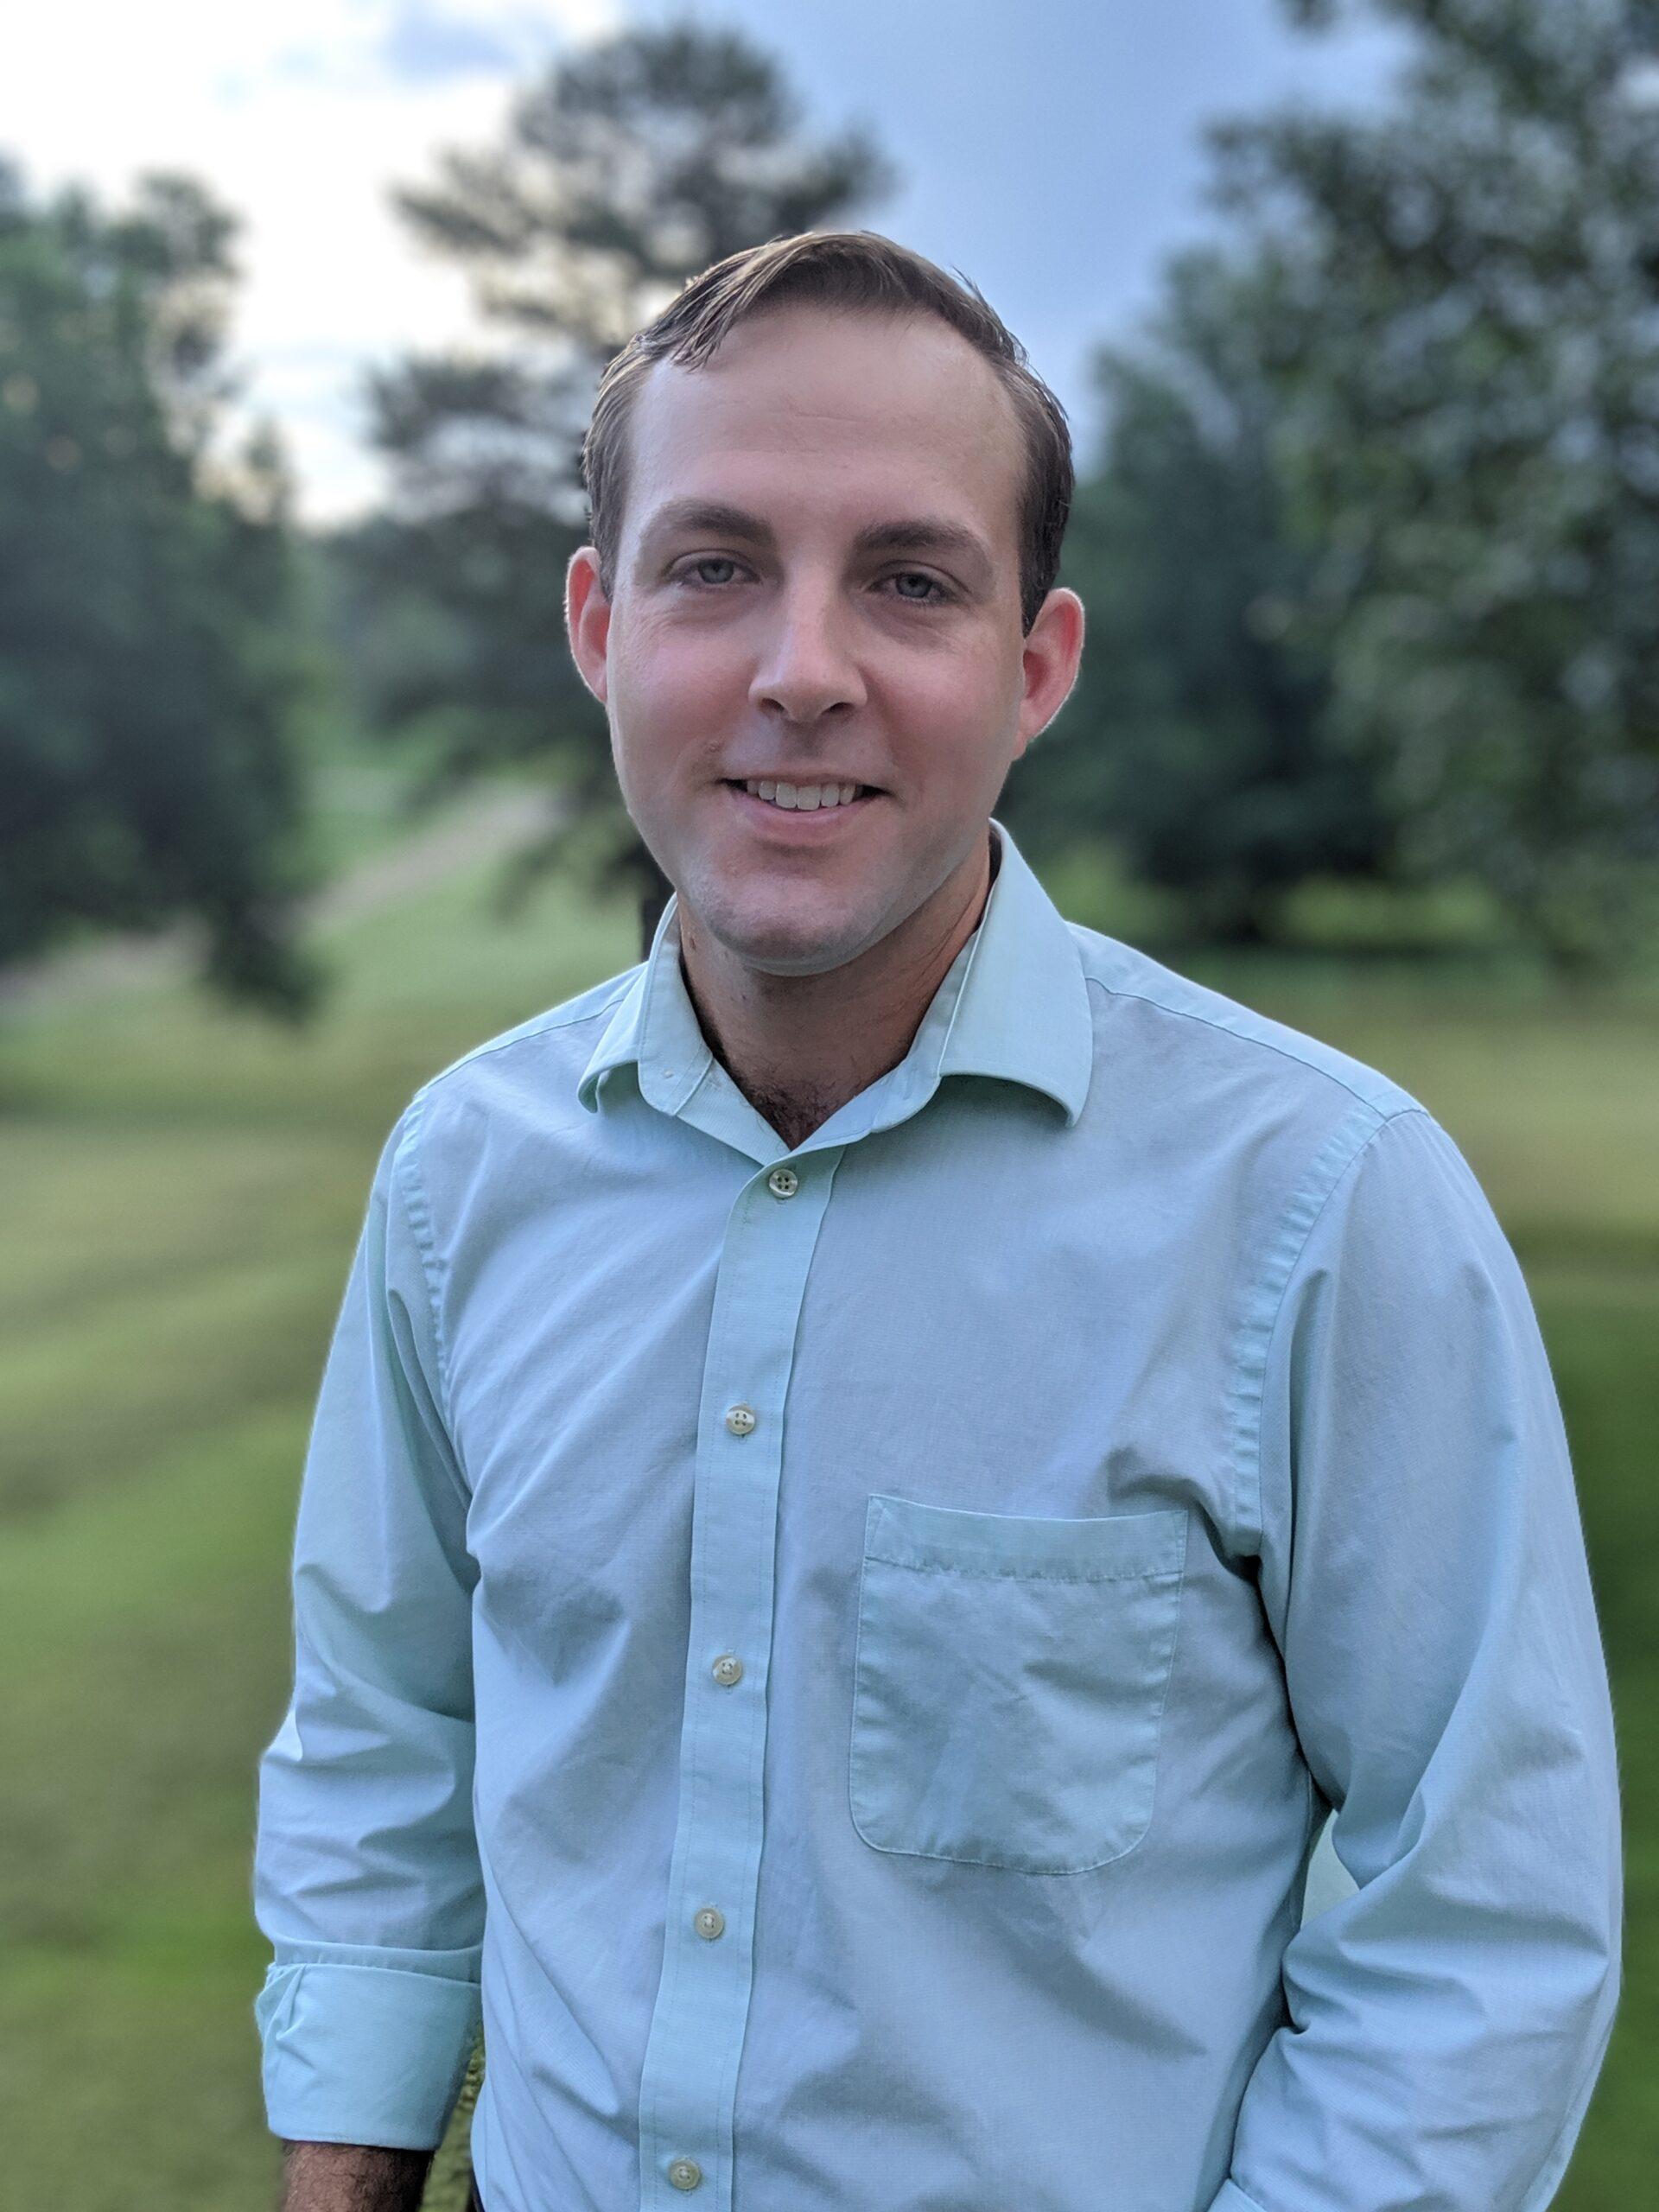 Headshot of Aaron Shew